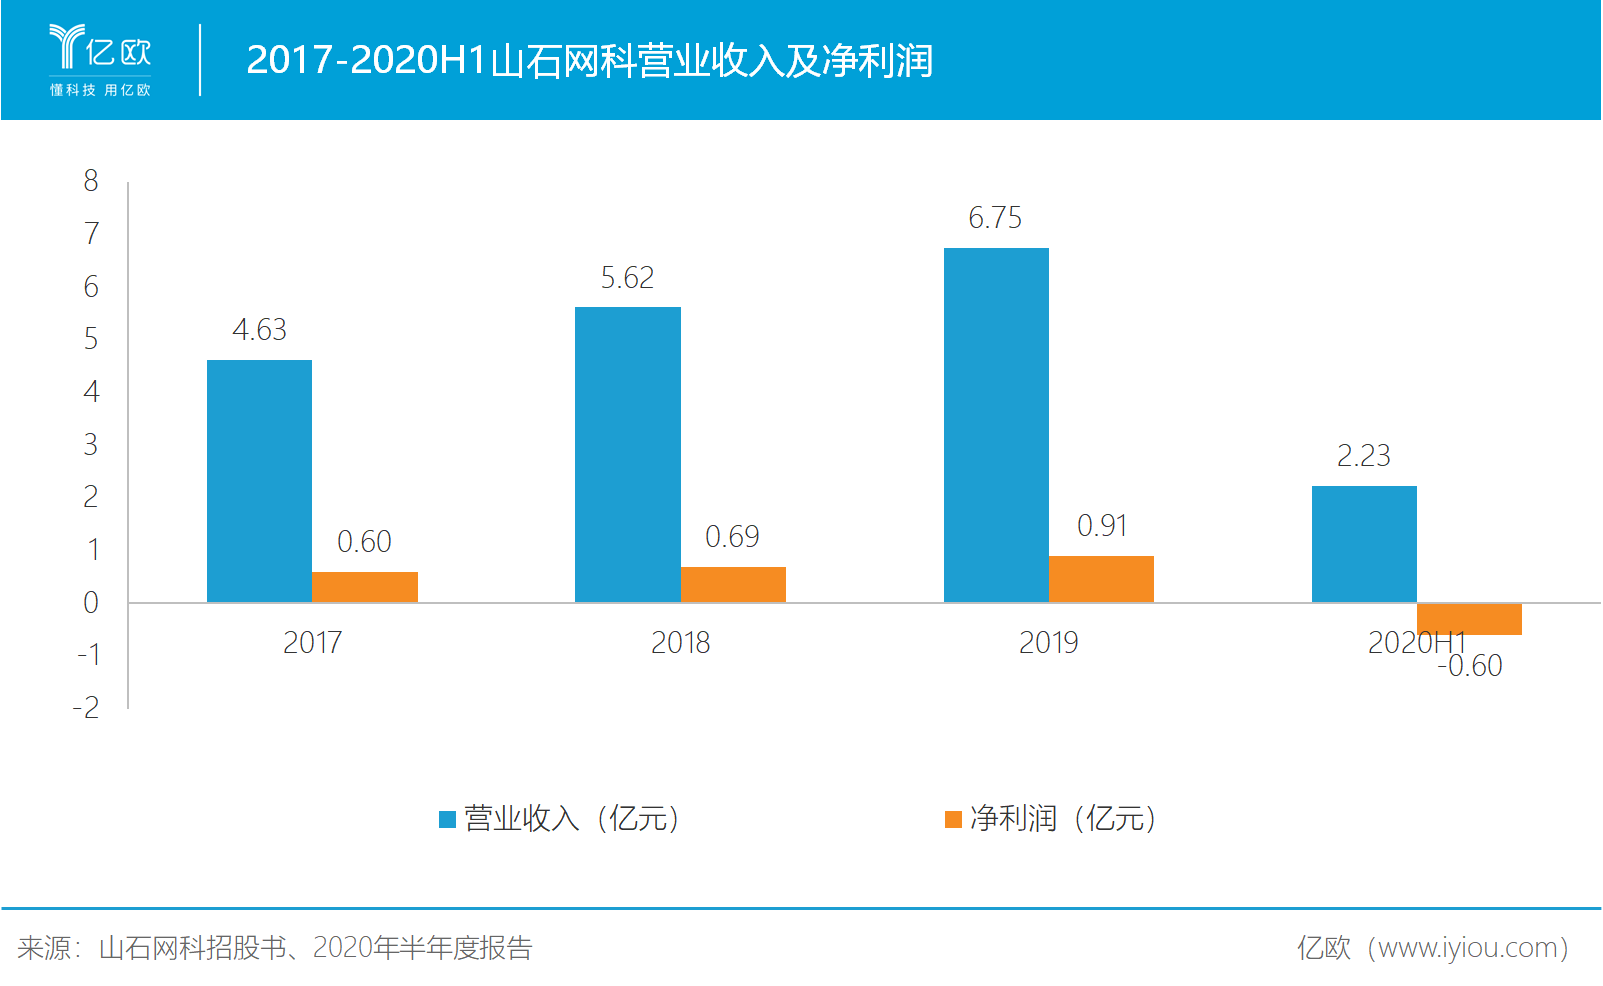 2017-2020H1山石网科营业收入及净利润.png